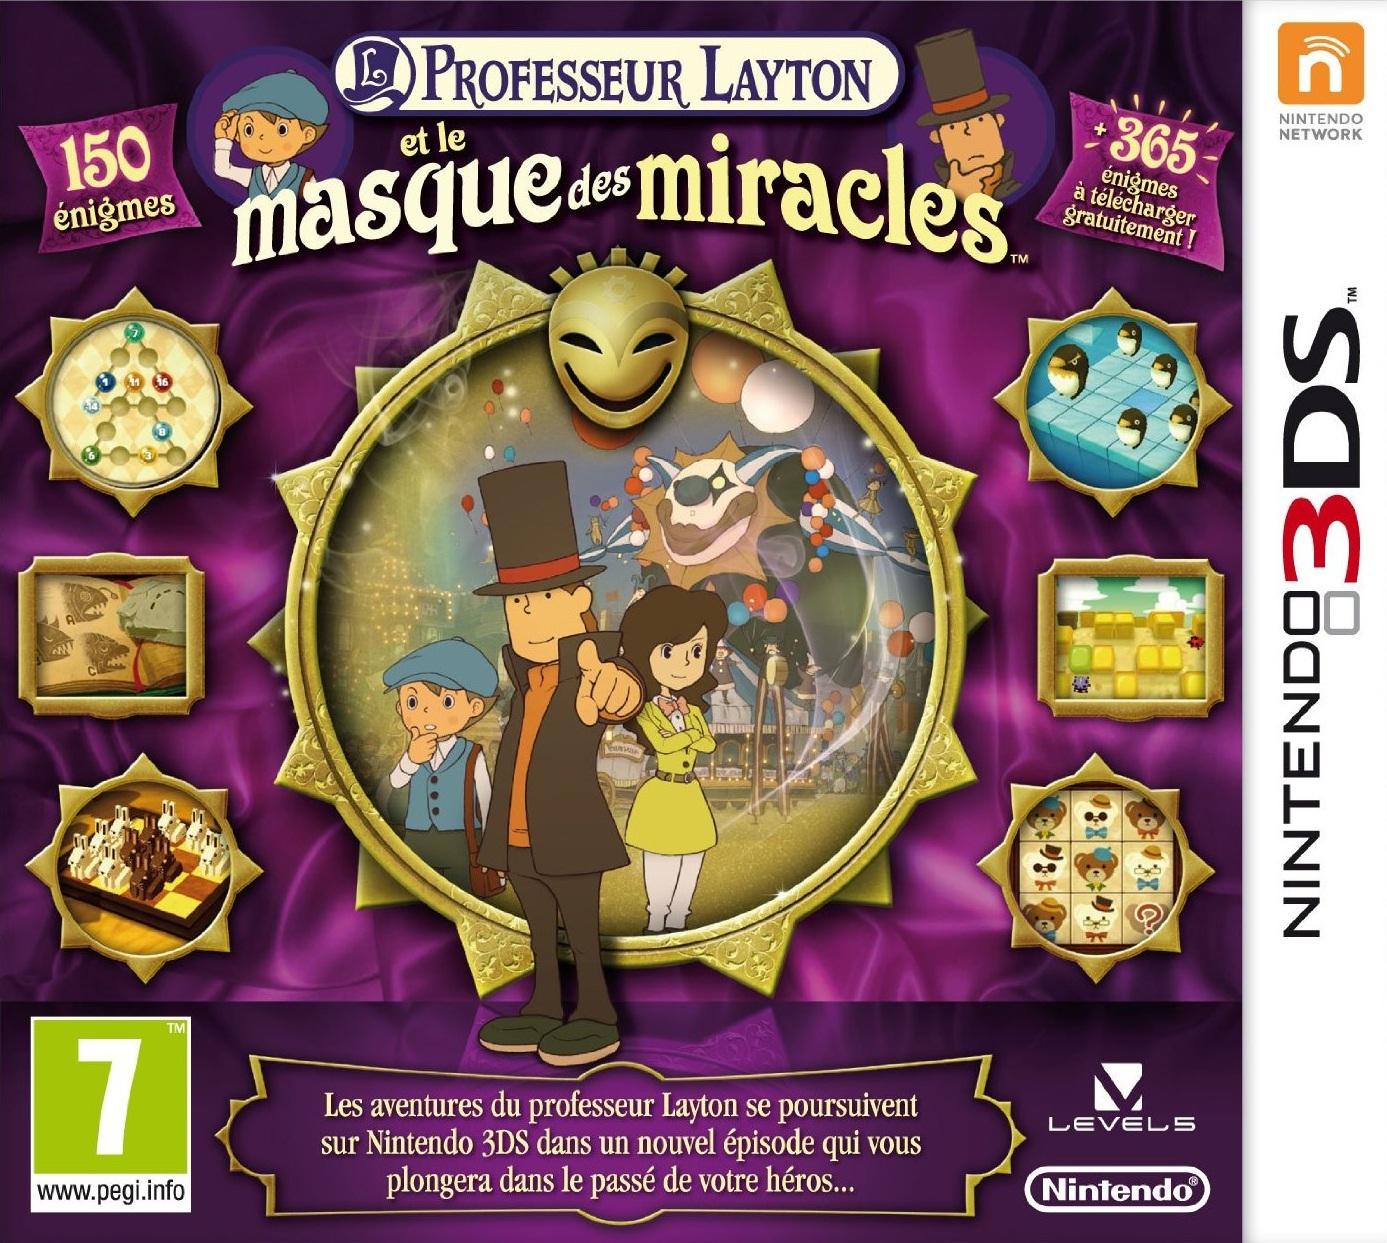 jaquette du jeu vidéo Professeur Layton et le Masque des Miracles